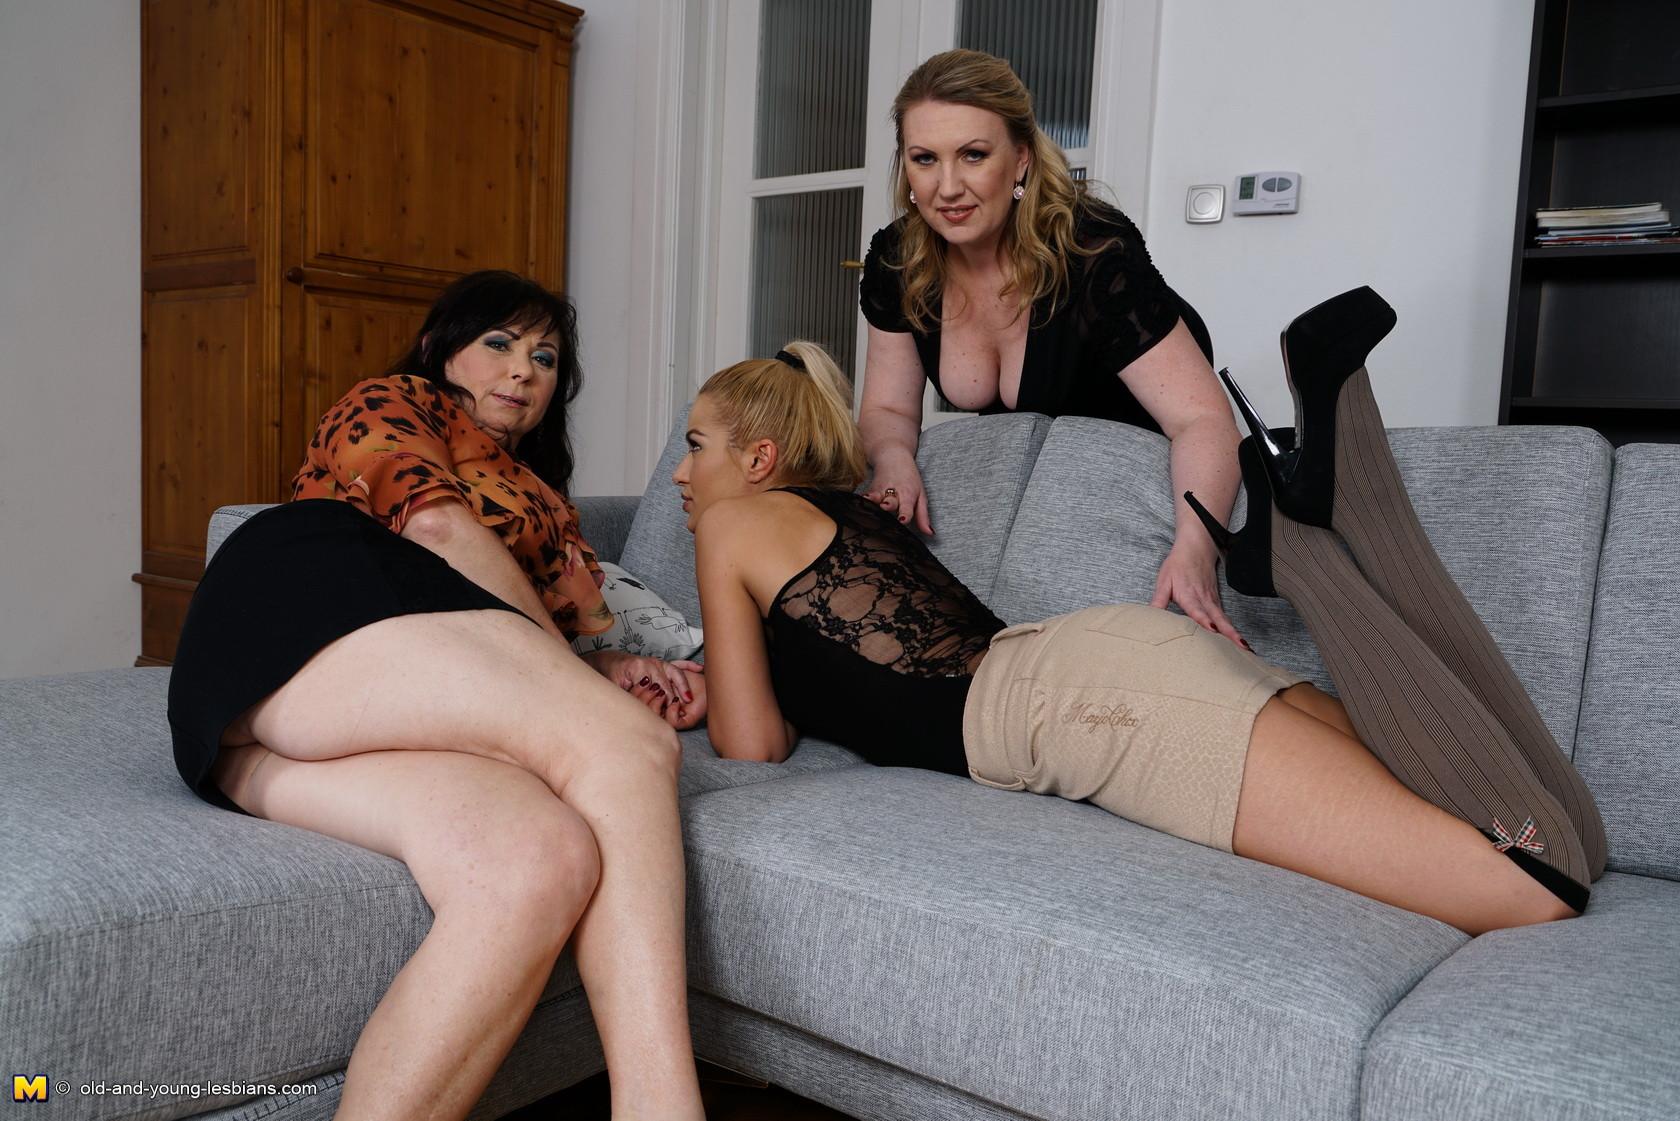 Milf Teach Teen Threesome